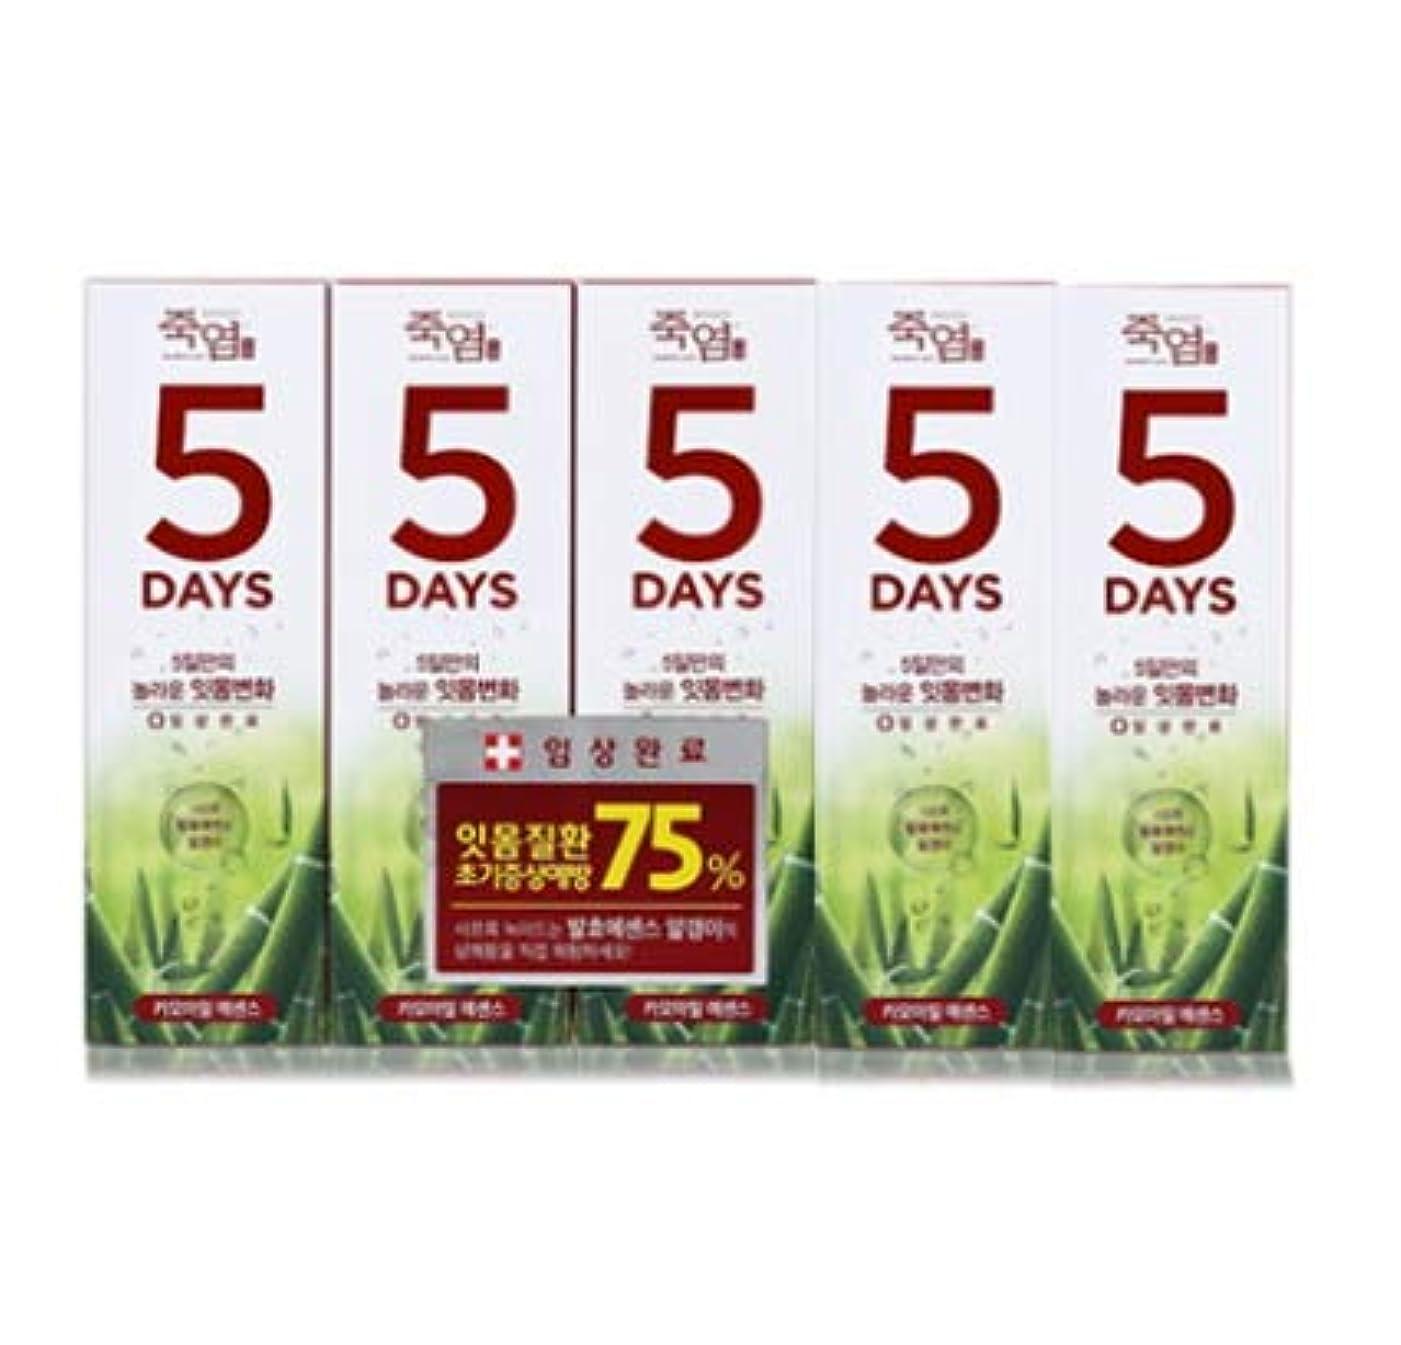 変化する脳ステージ[LG Care/LG生活健康]竹塩歯磨き粉5daysカモミールエッセンス100g x5ea/歯磨きセットスペシャル?リミテッドToothpaste Set Special Limited Korea(海外直送品)